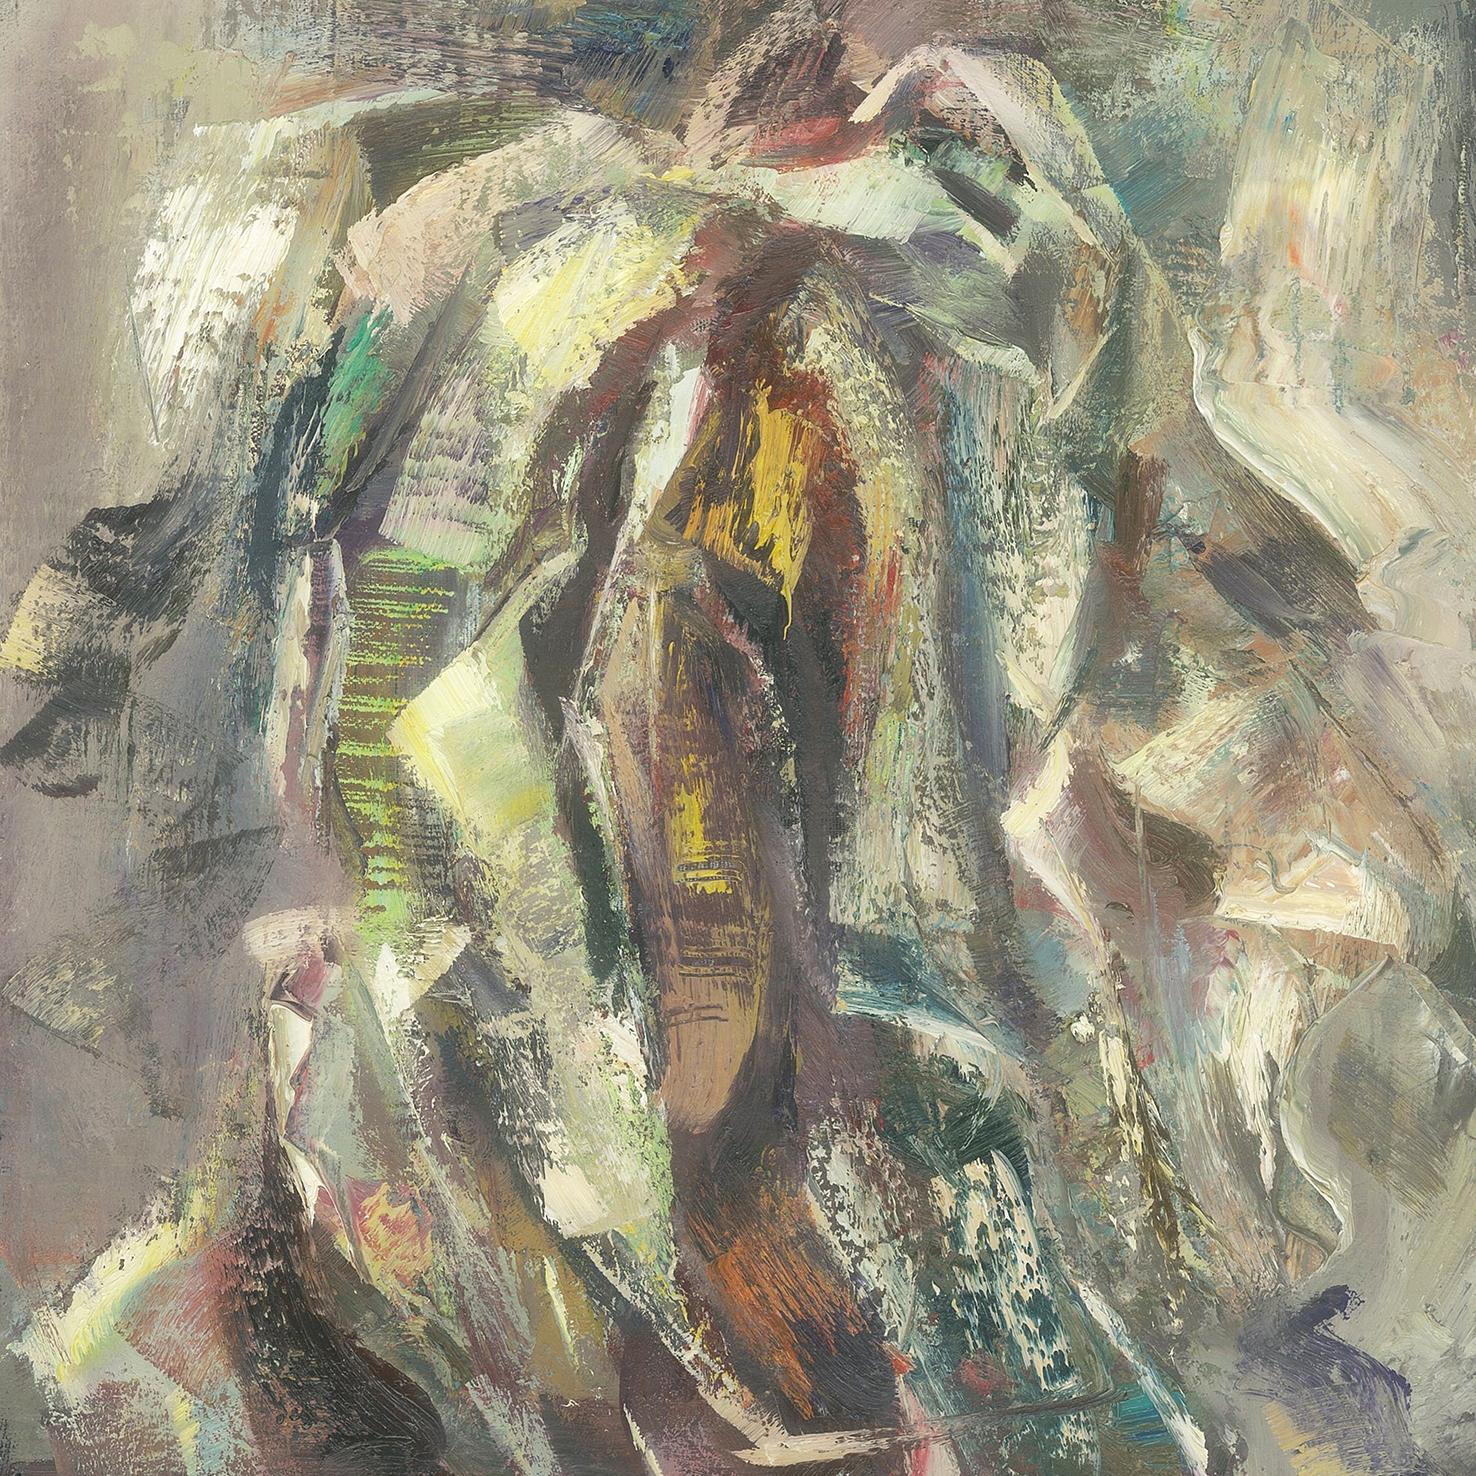 ear corn - painting - vladimirmishyra | ello